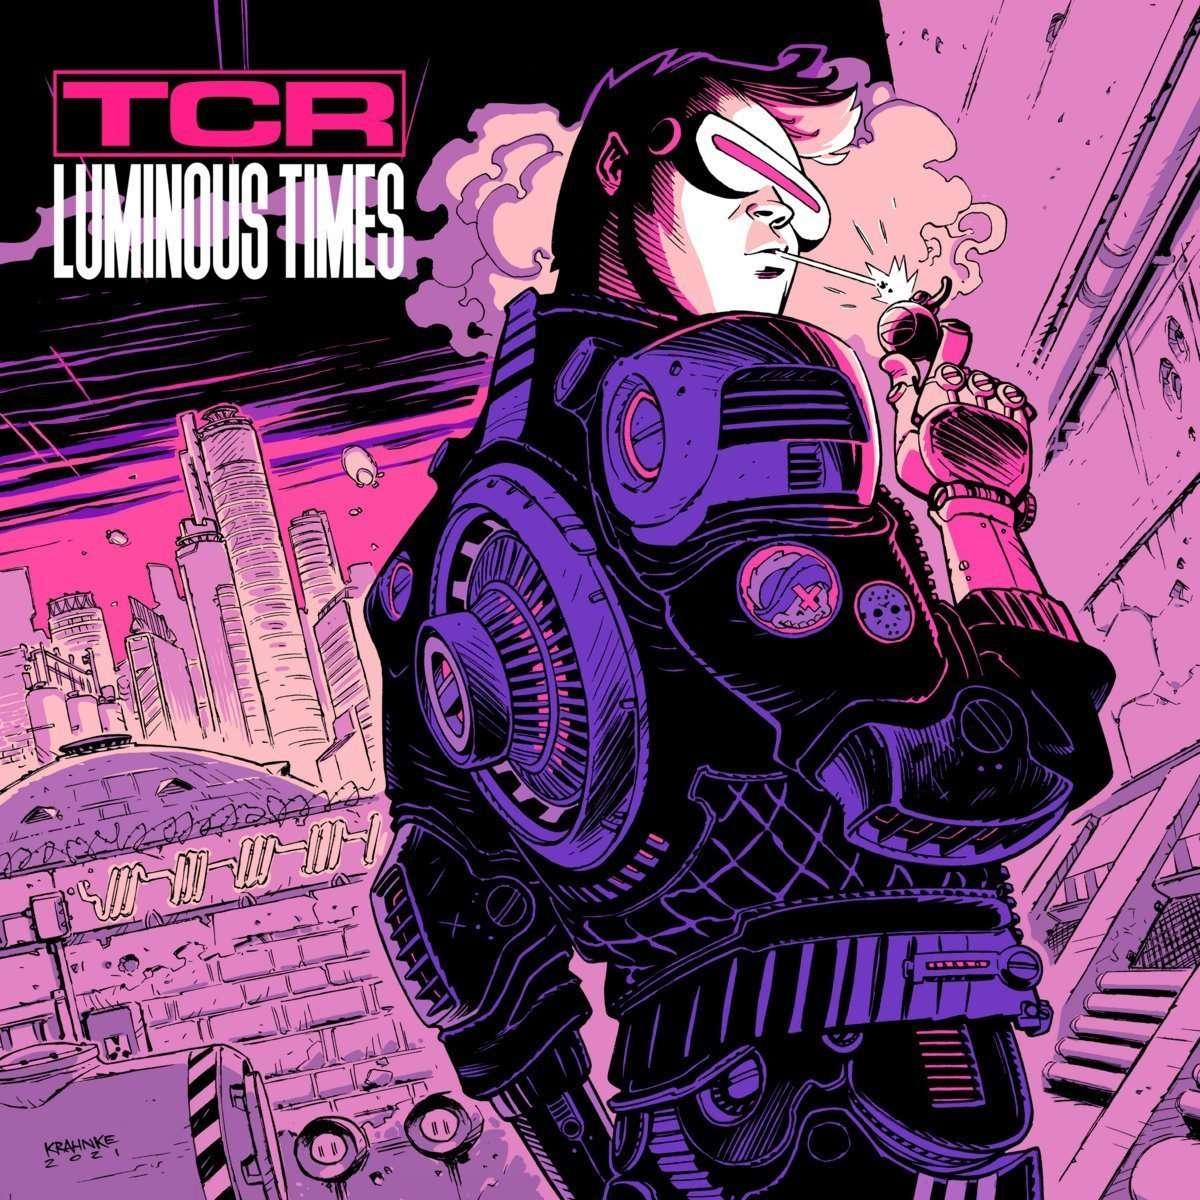 TCR – Luminous Times